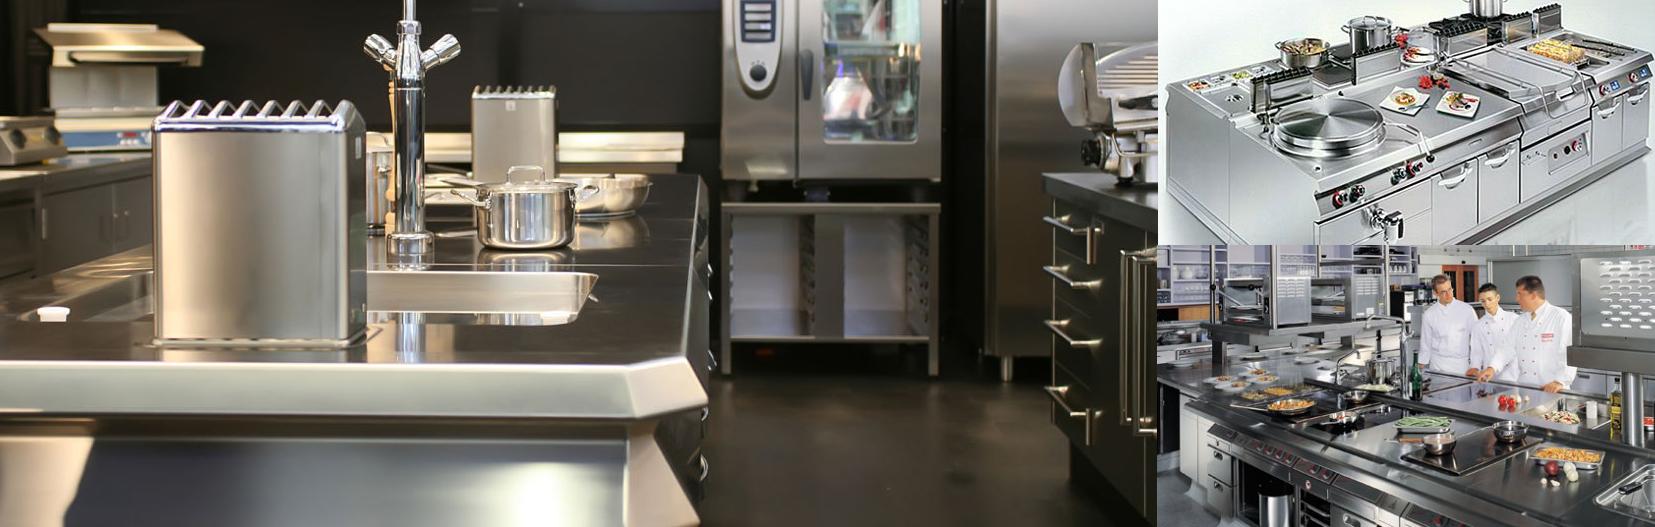 vente équipement cuisine au Maroc pour pro